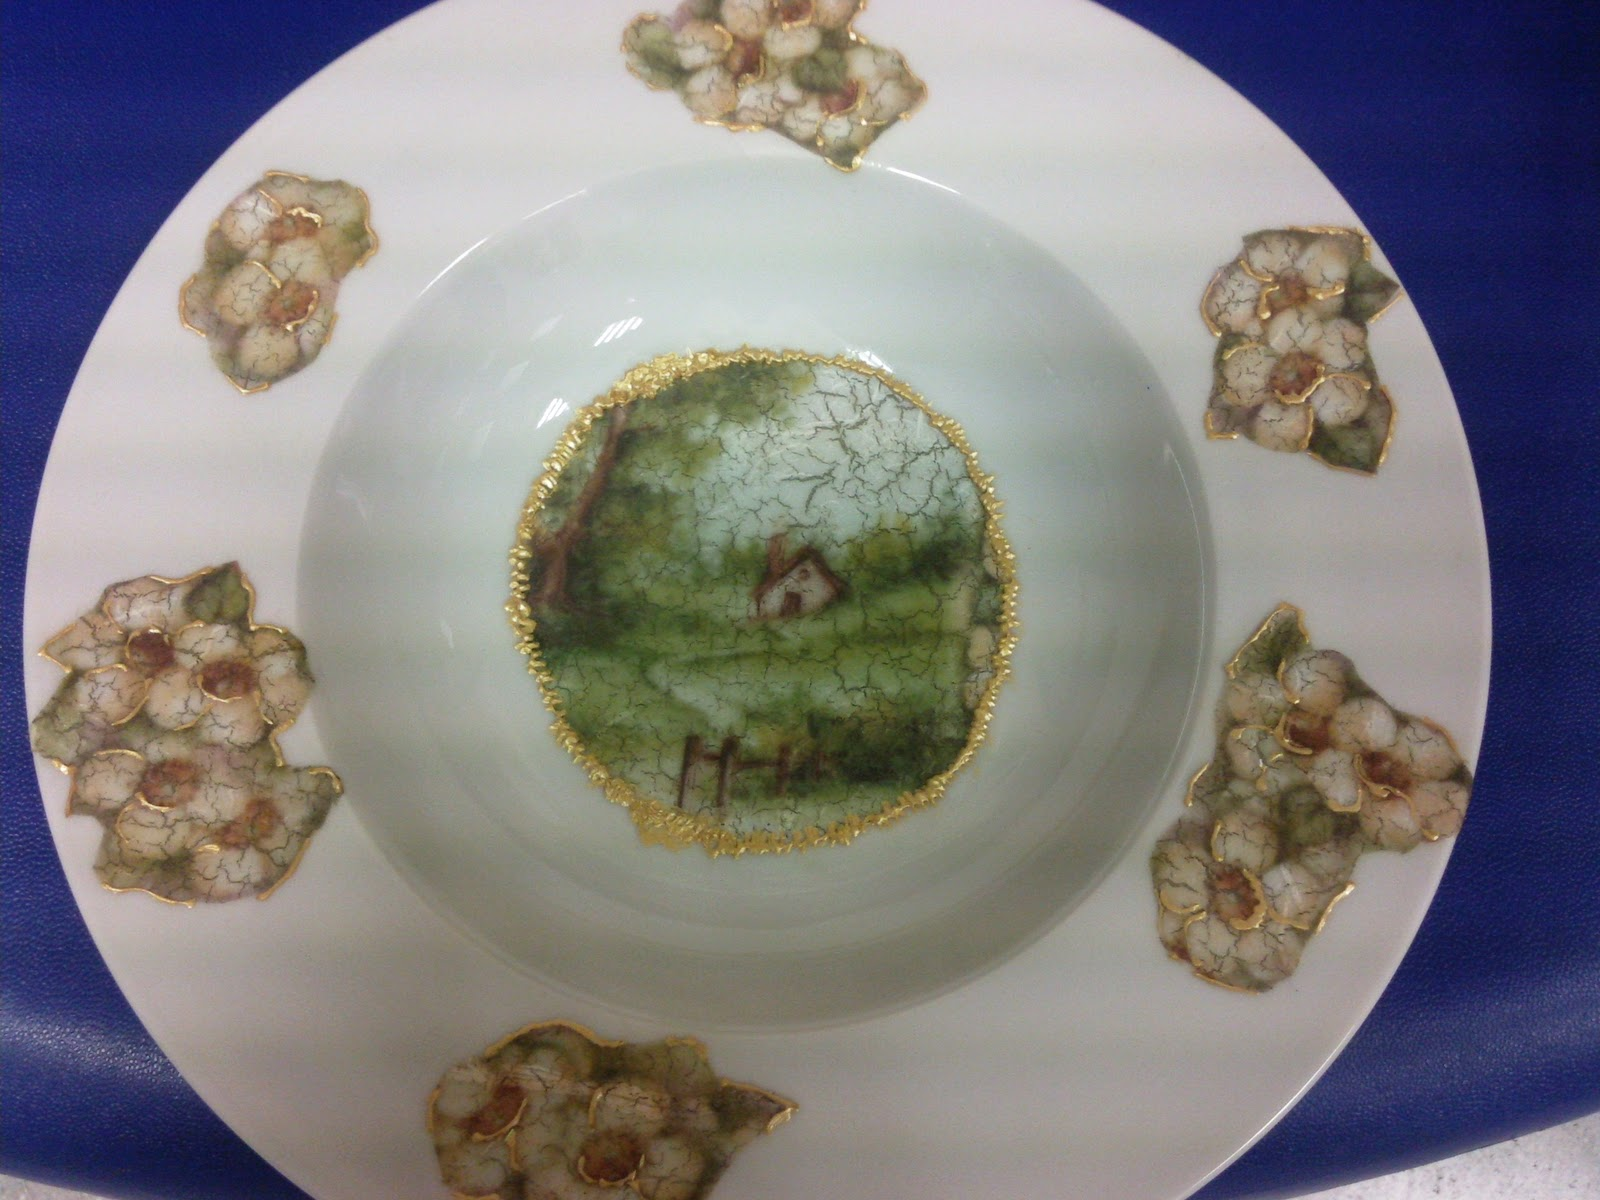 Artes decorativas geli molina plato de ceramica - Platos de ceramica ...